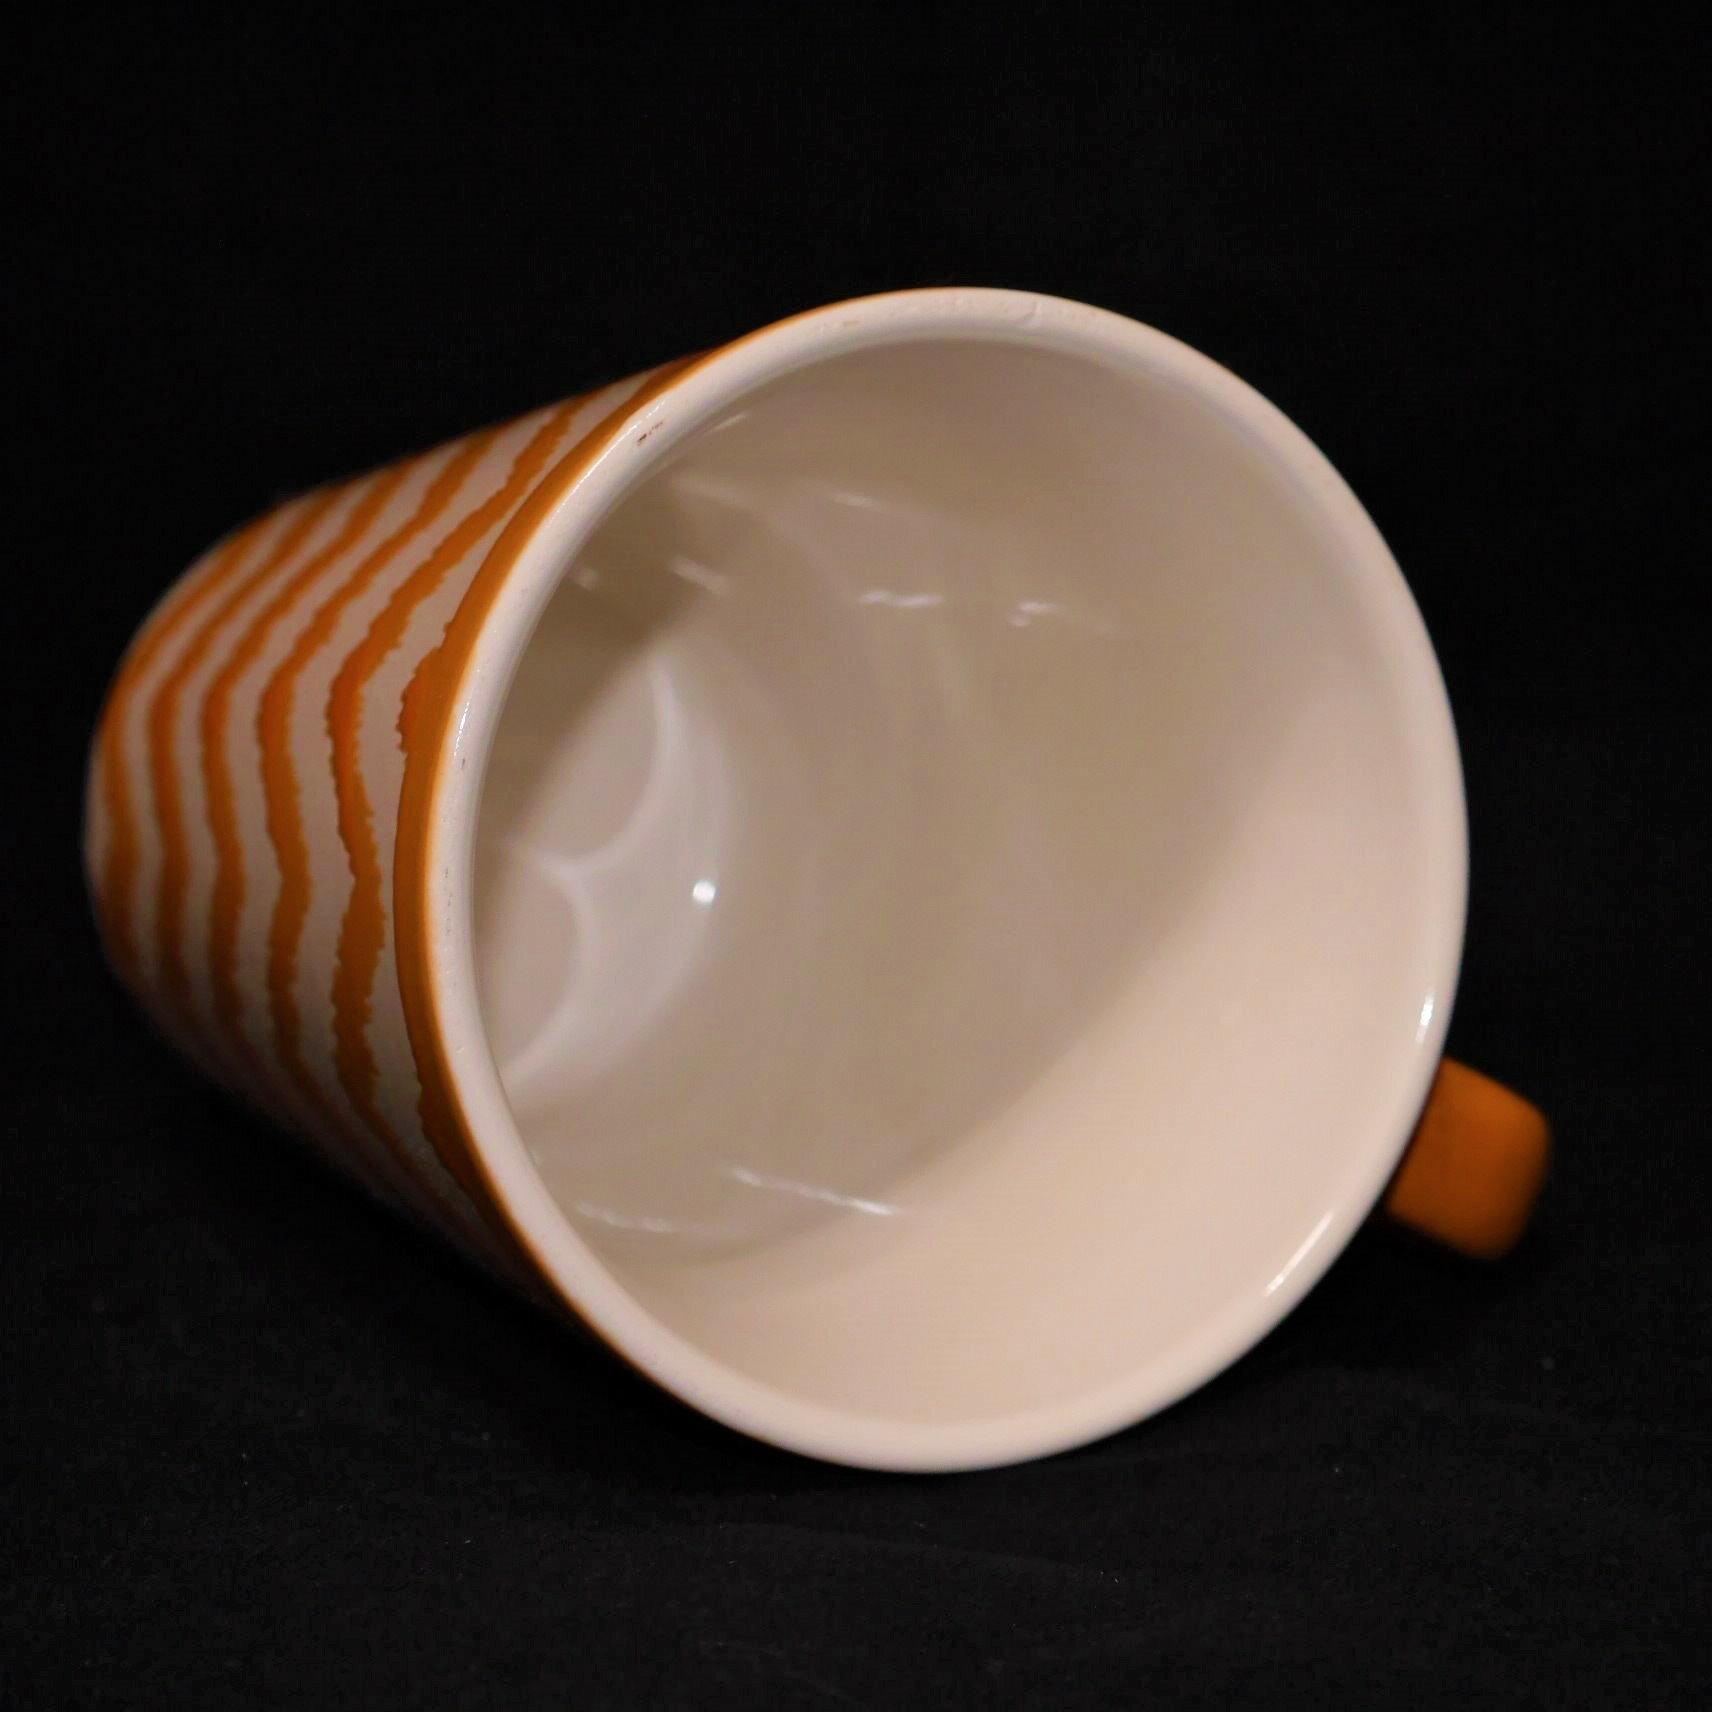 馬克杯橘色幾何紋500ml【曉風】 1